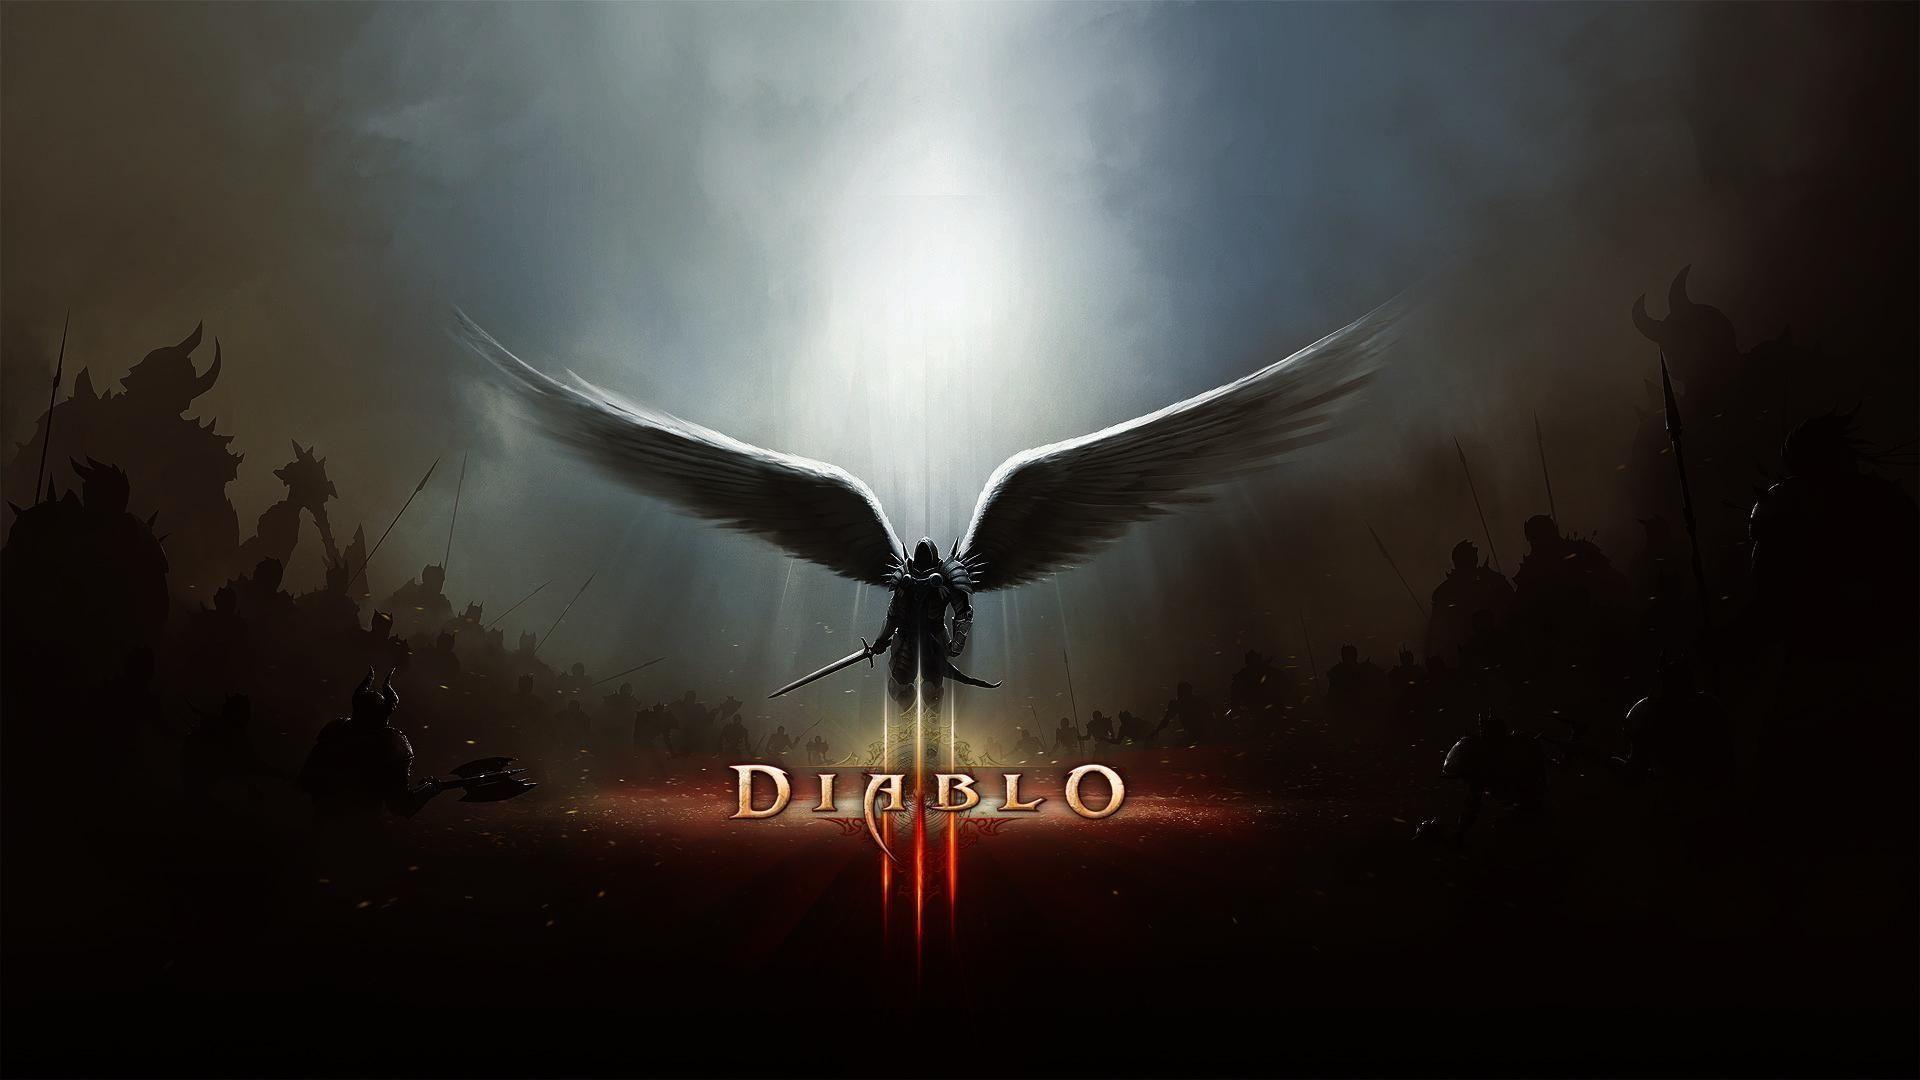 Diablo 3 Wallpaper 1920x1080 Wallpaper 877130 Diablo 3 Hd Wallpaper Diablo